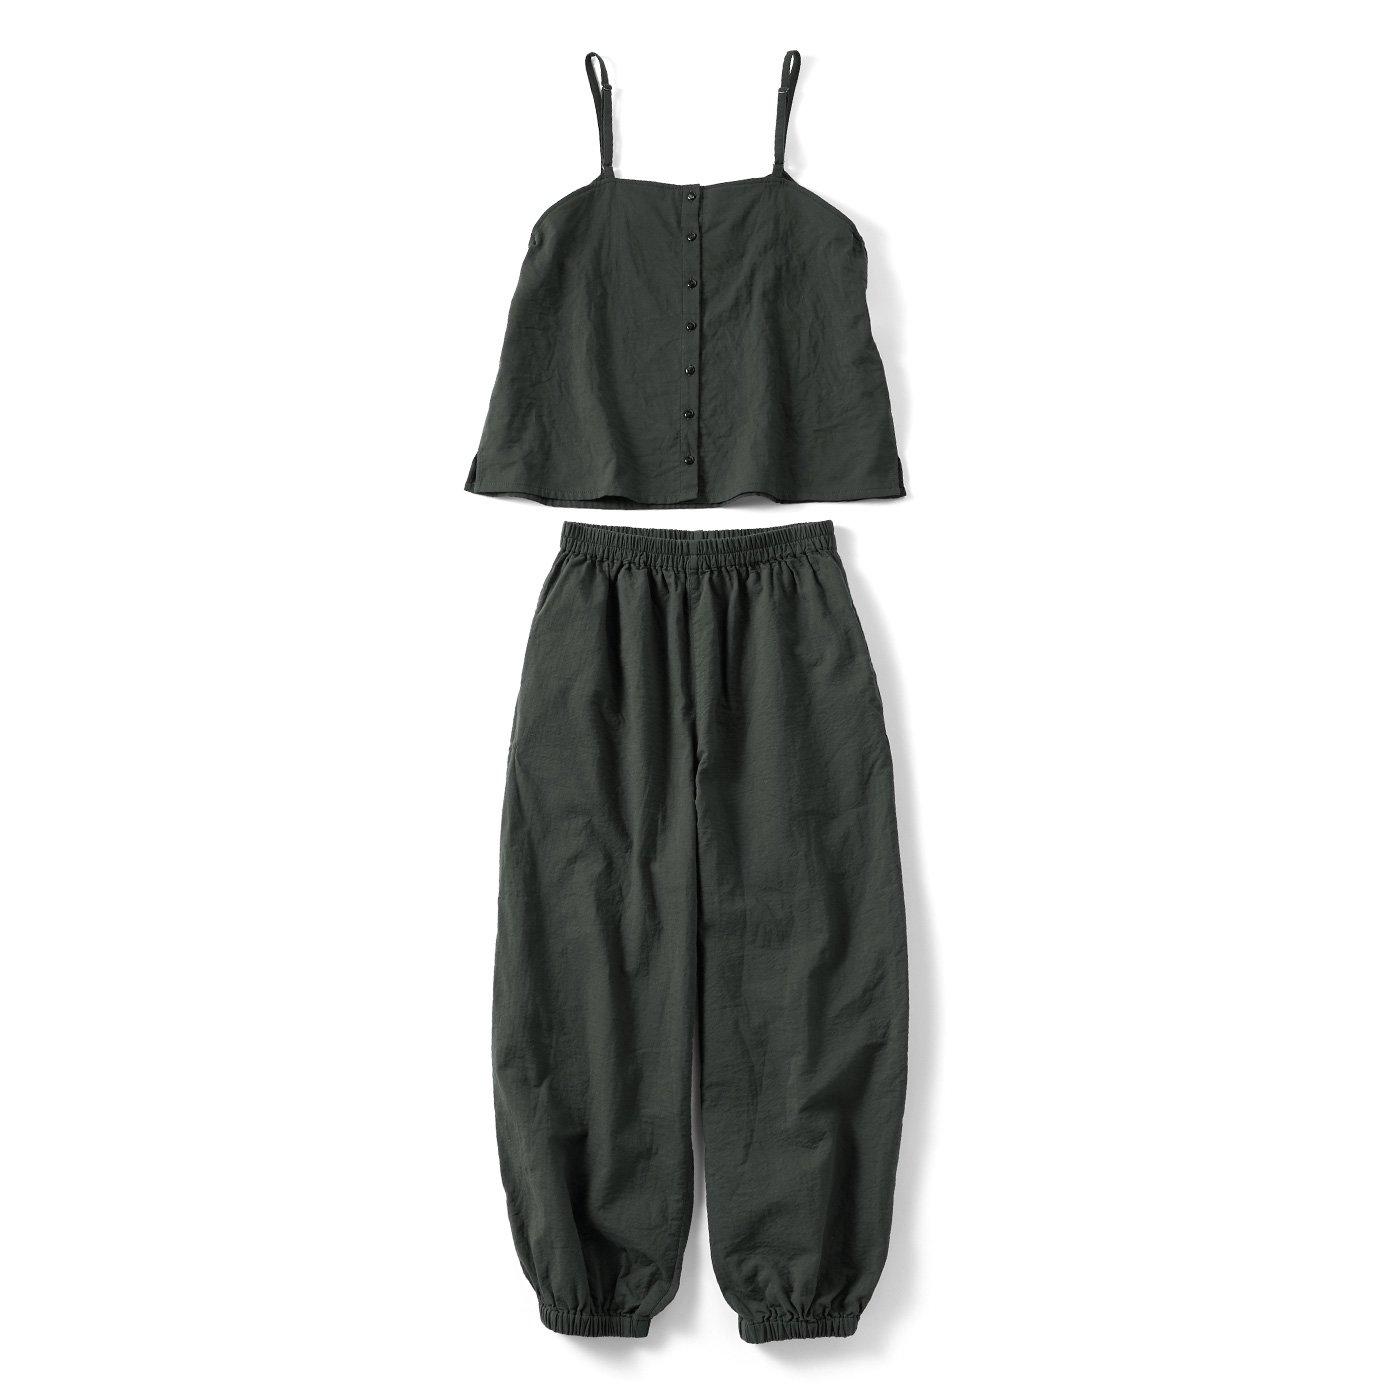 リブ イン コンフォート シンプルライフ研究家マキさんとつくった 何通りも着られる ダブルガーゼで軽やか 時短がかなう セットアップ〈チャコールグレー〉